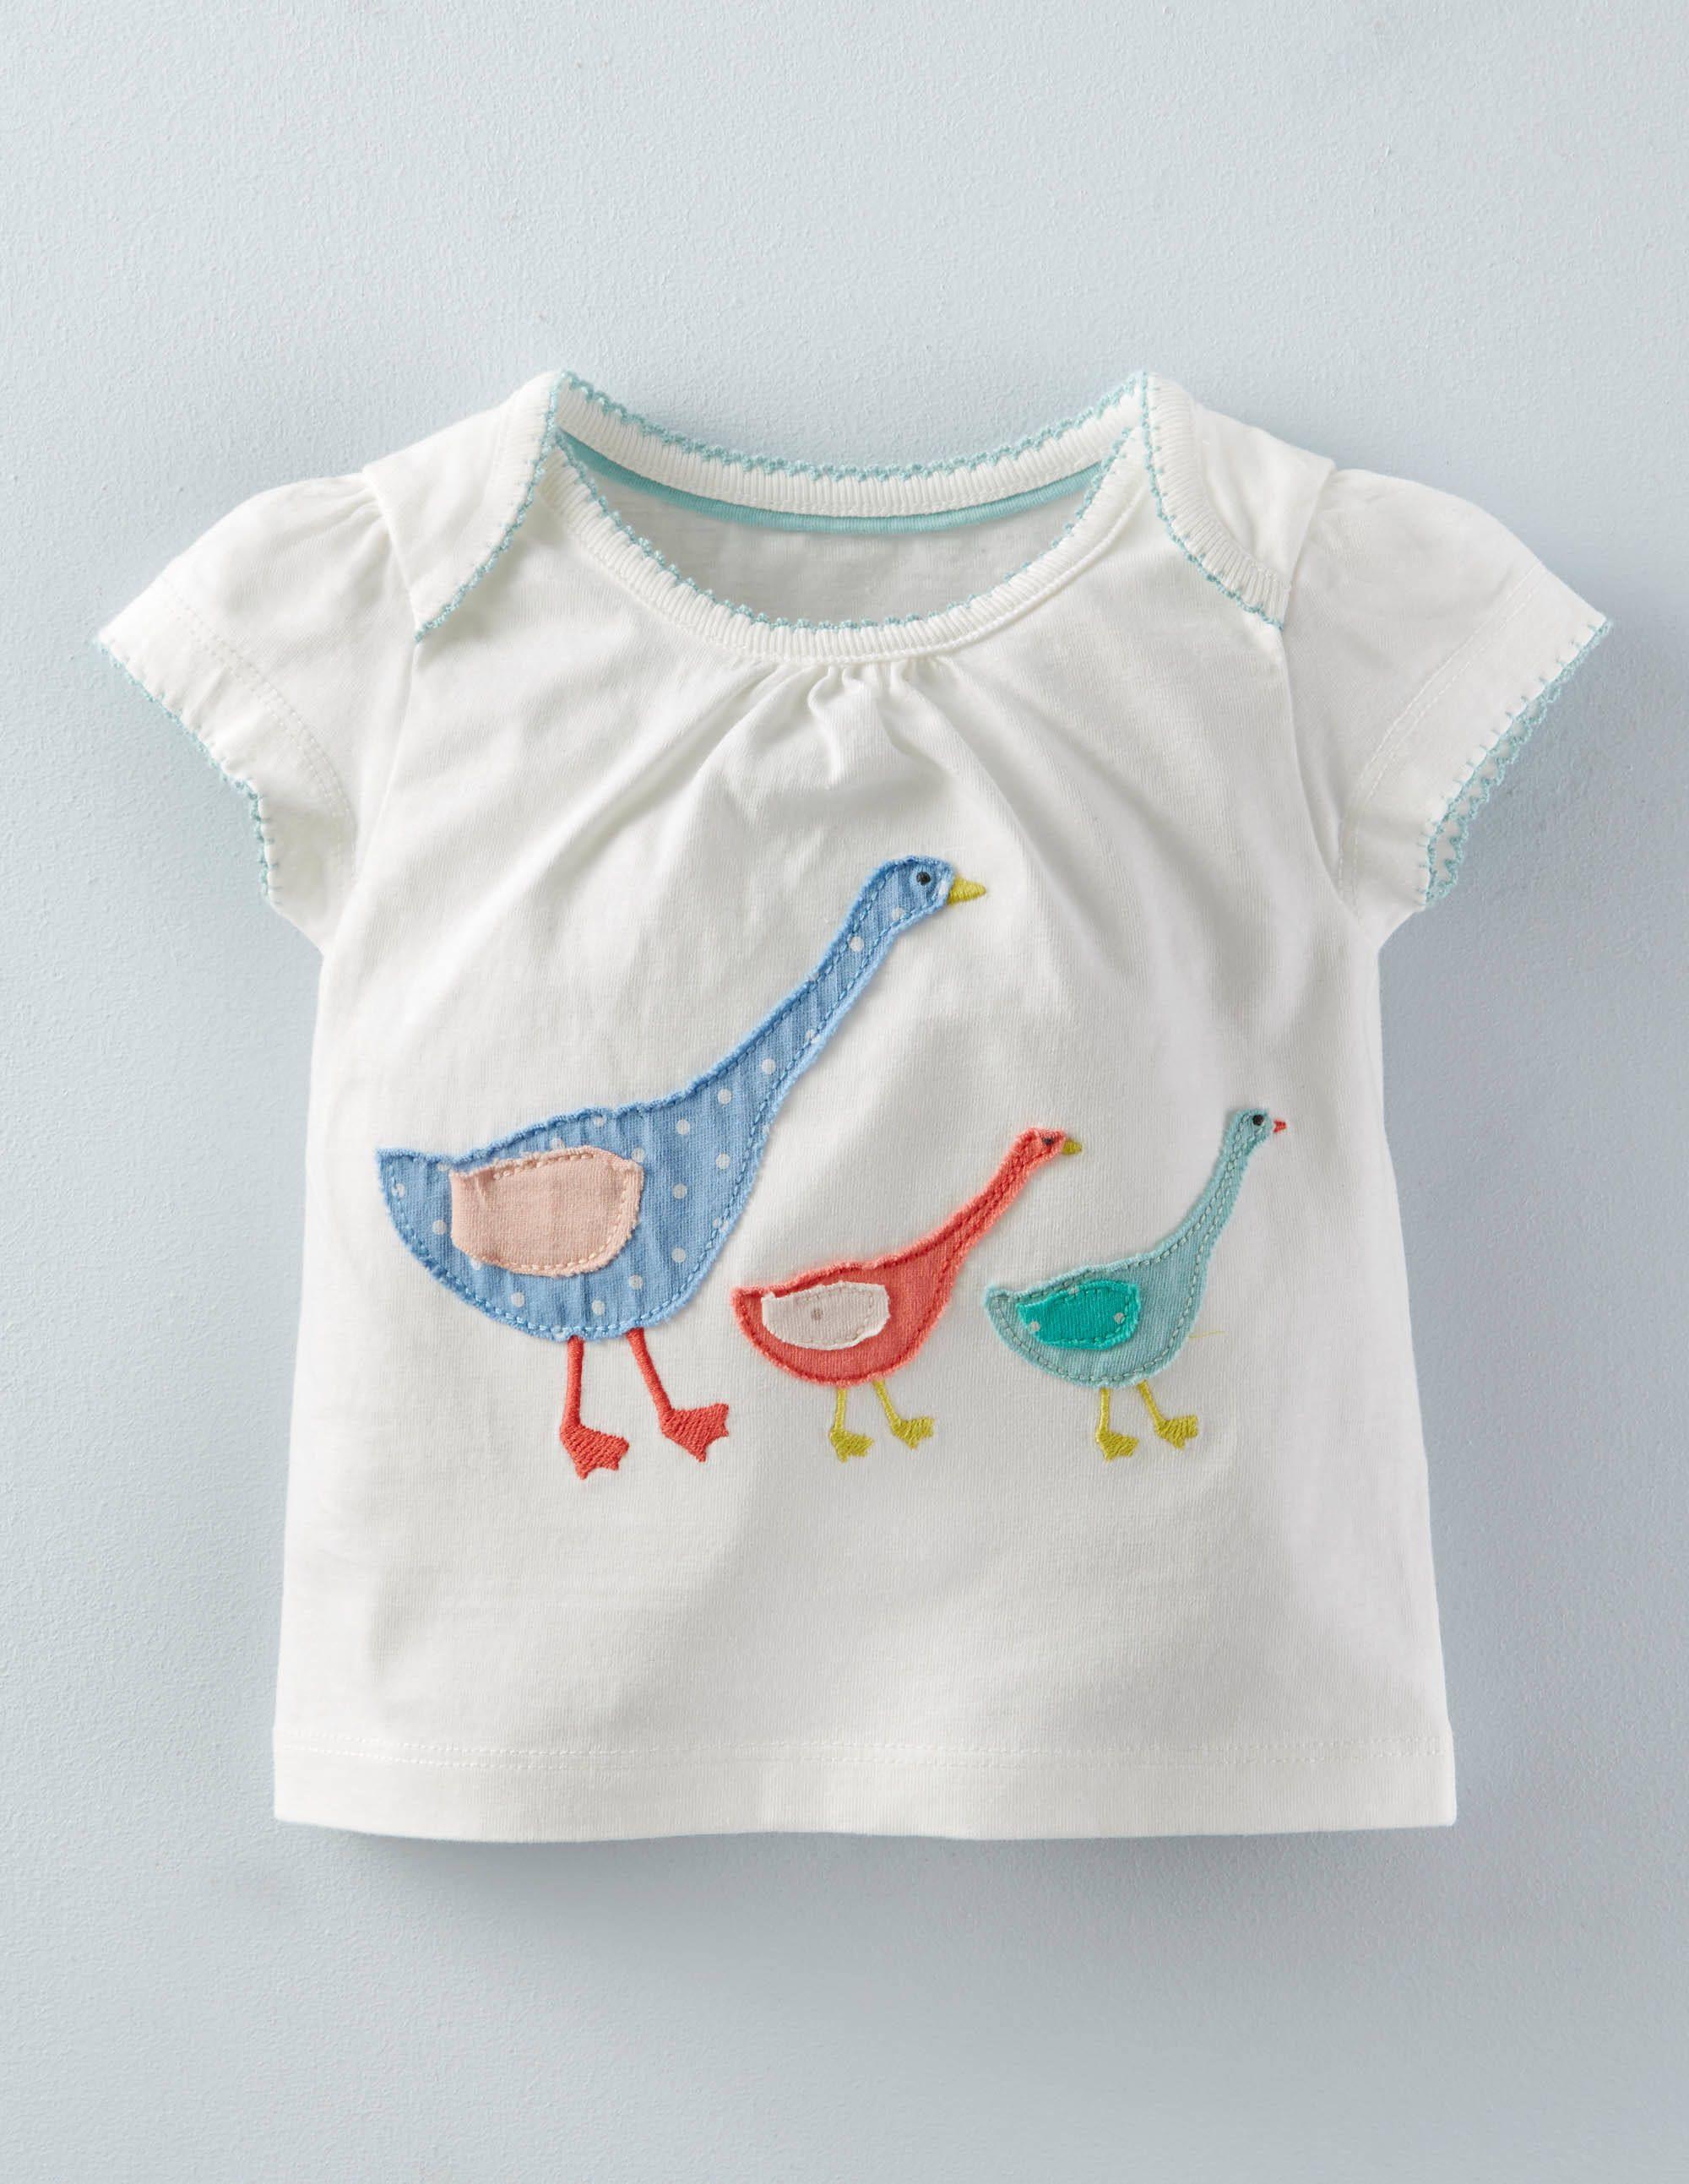 T Shirt Mit Patchwork Applikation Kleinkinderbekleidung